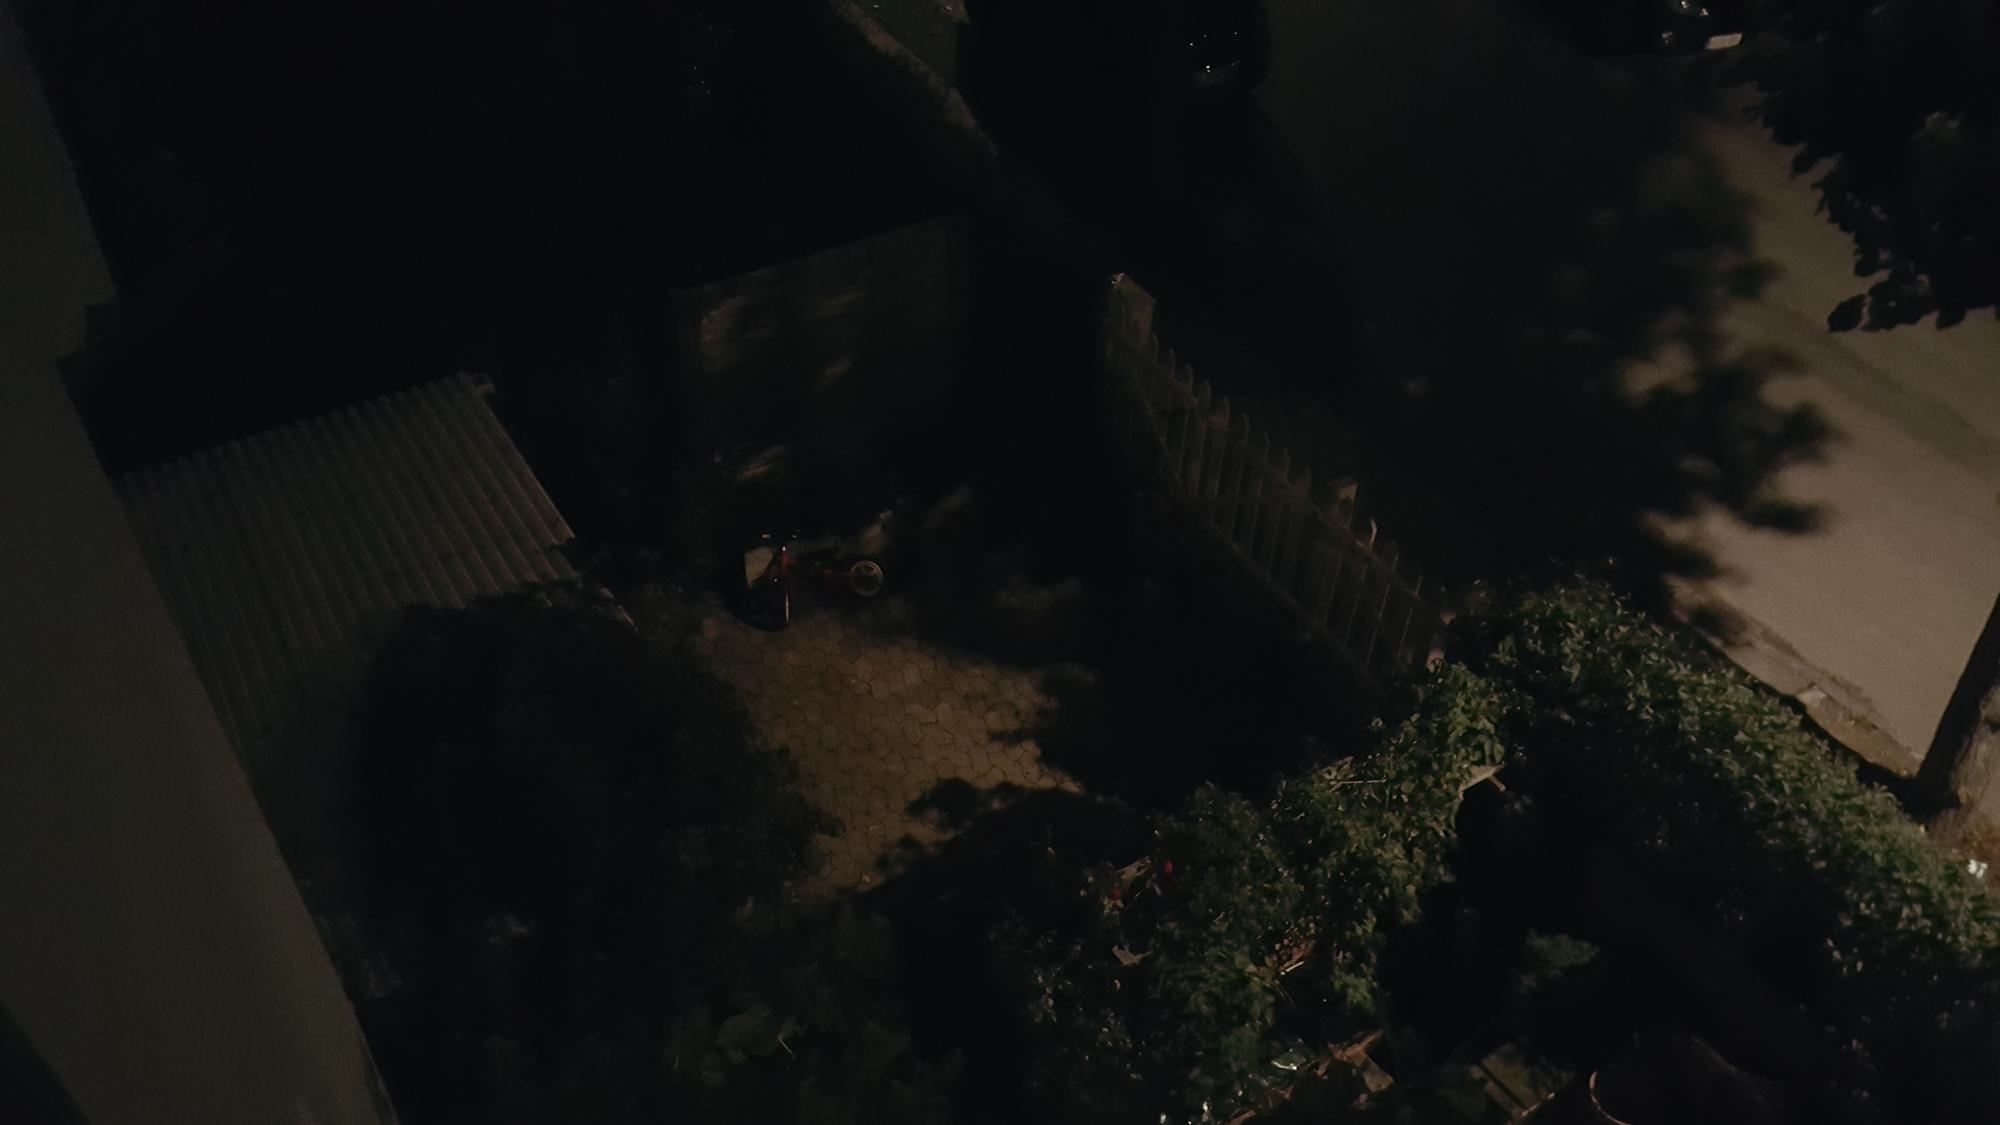 Samsung Galaxy S6: Billede taget udendørs i mørke uden brug af fotolys.